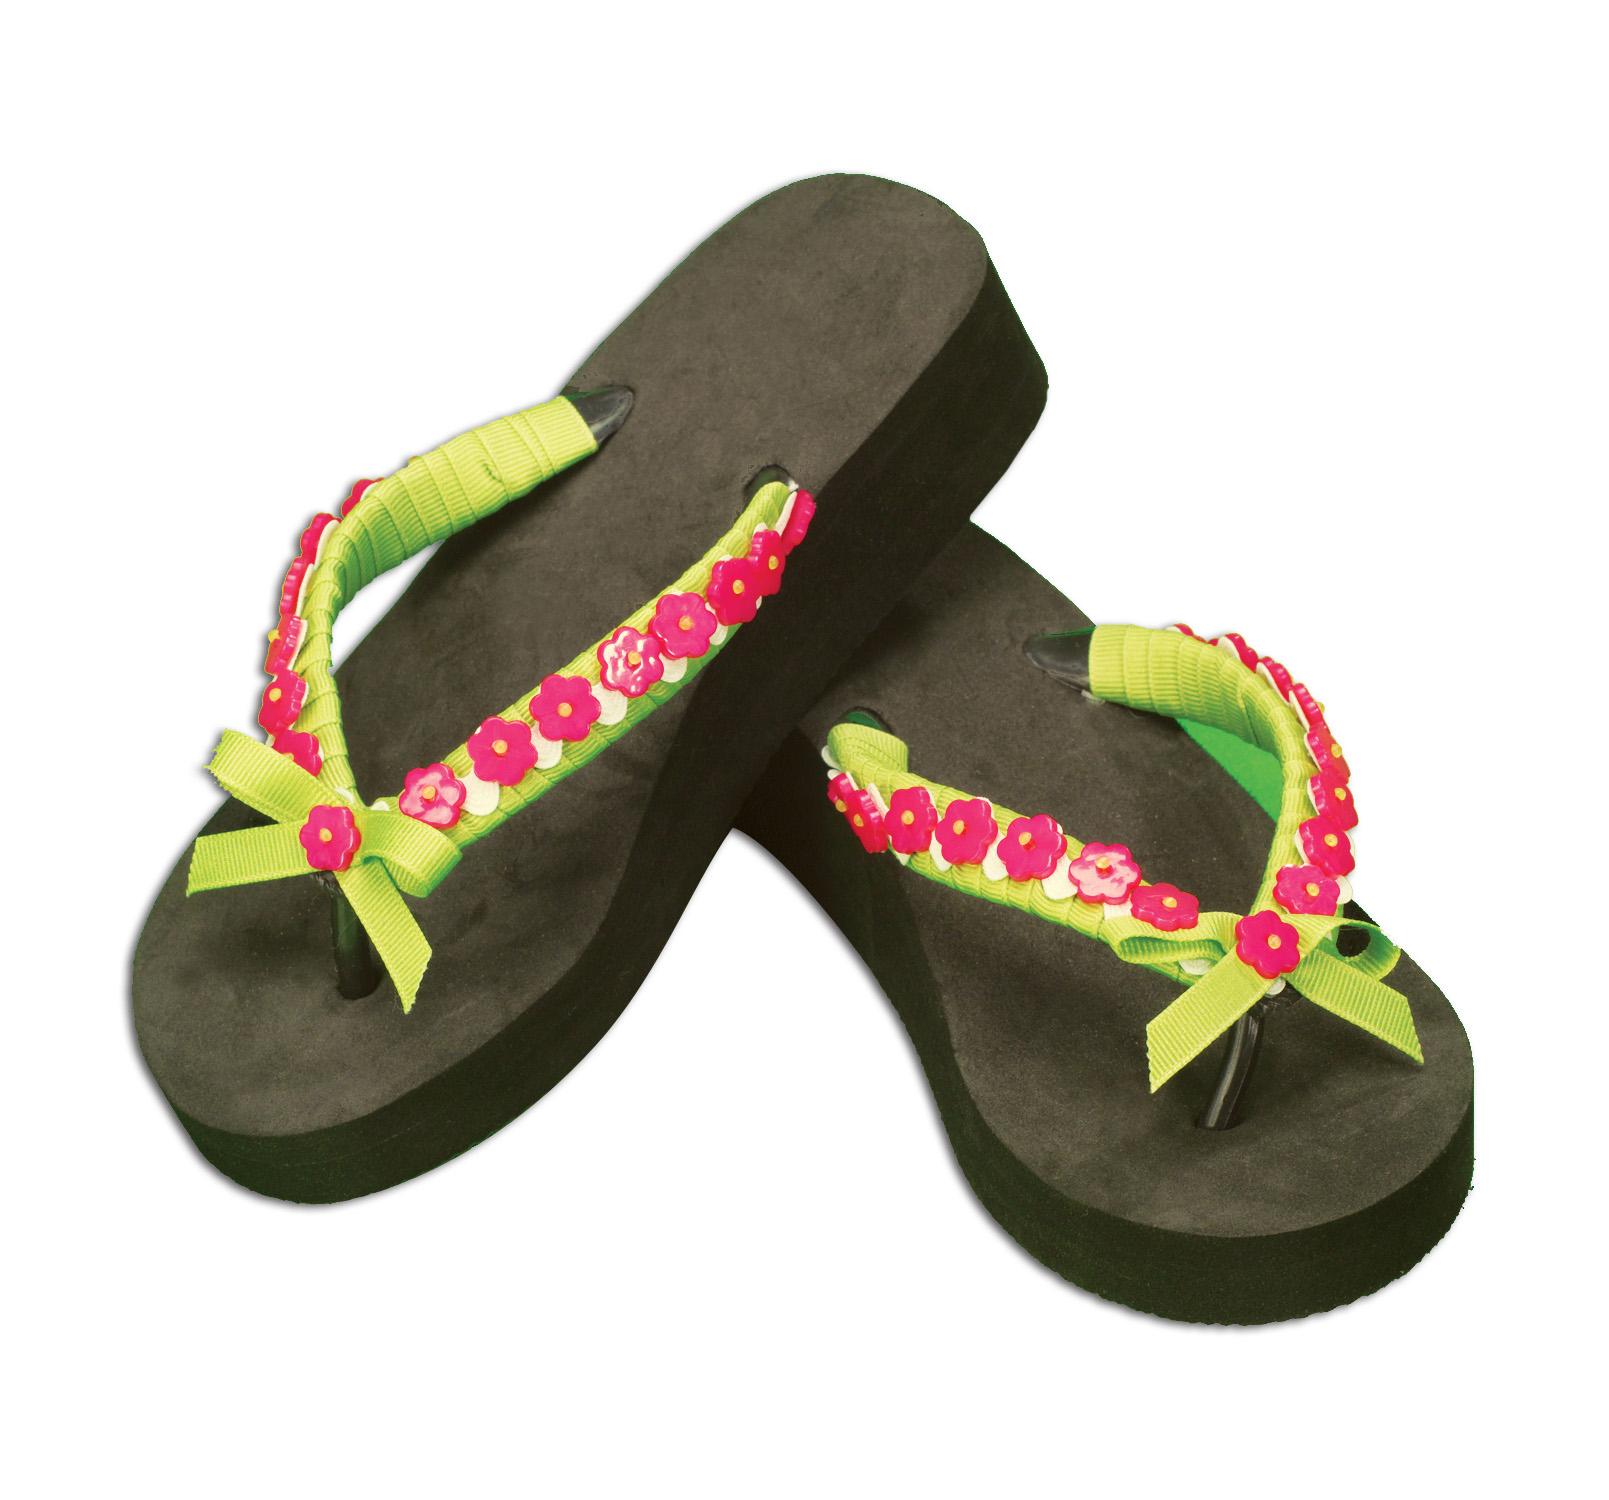 Embellished Flip Flops Favecrafts Com